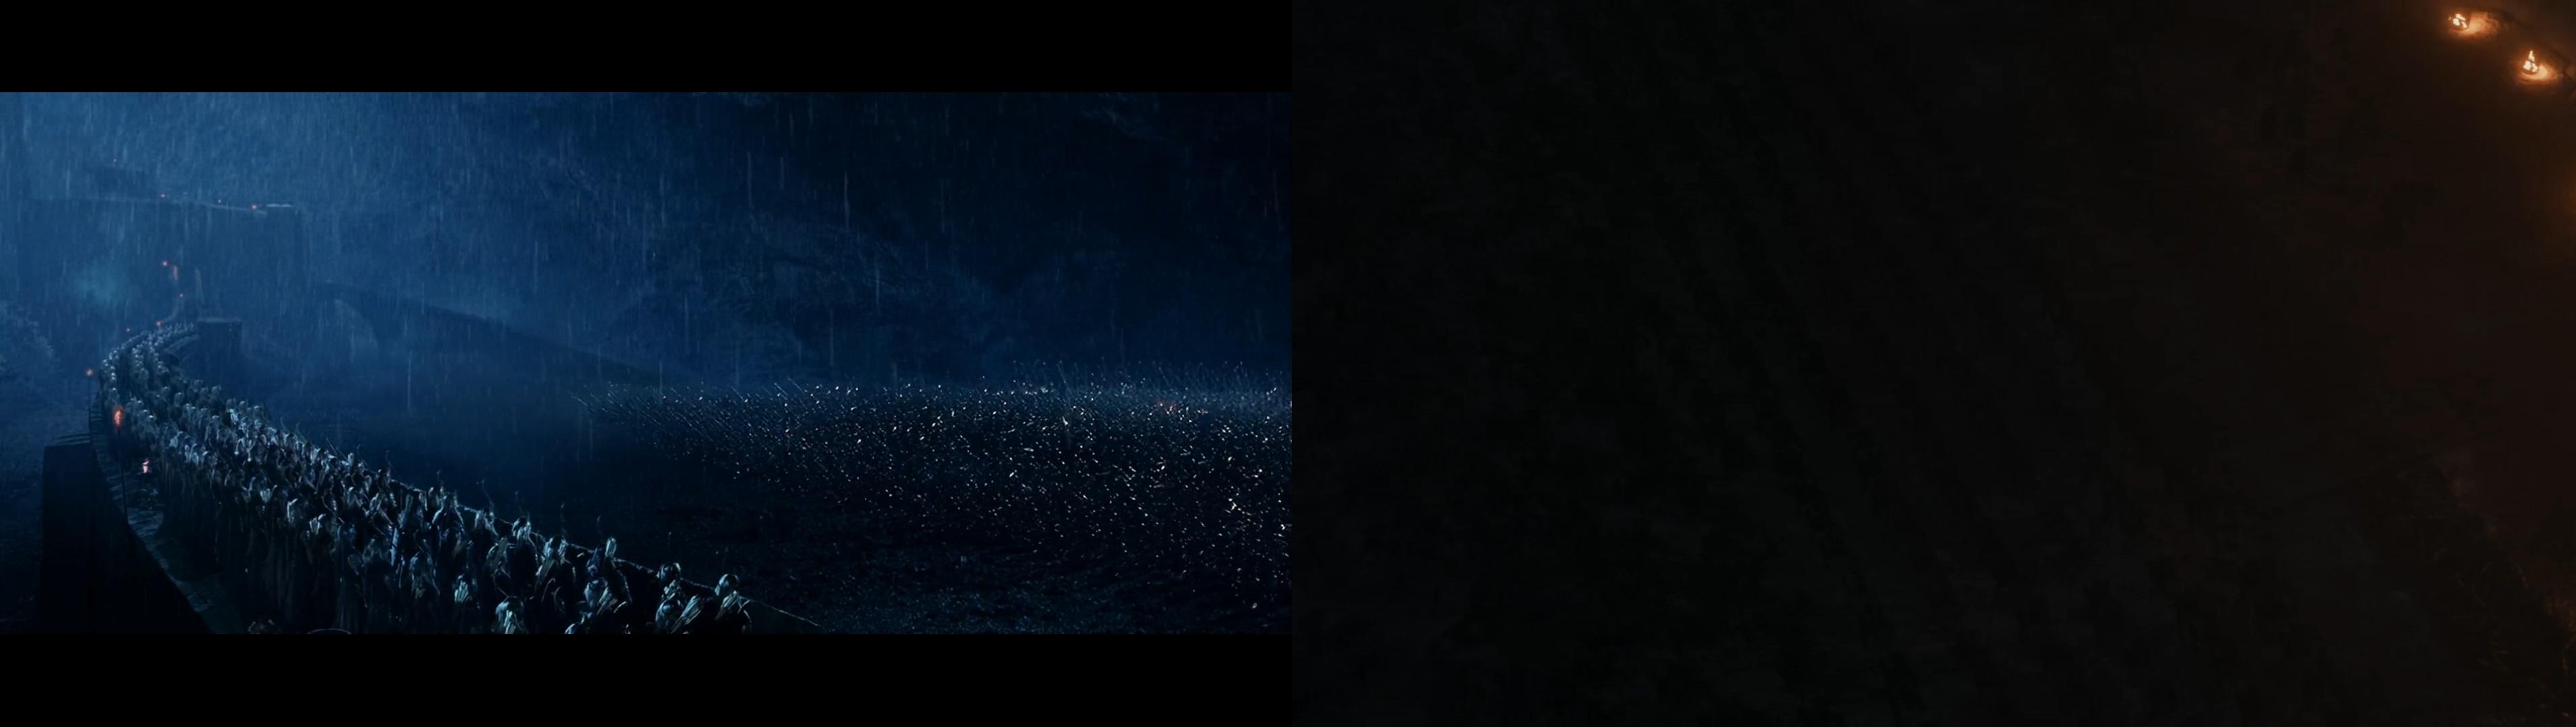 مقایسه تصویر سپاهیان دشمن در نبرد هلمز دیپ (چپ) با نبرد وینترفل (راست)